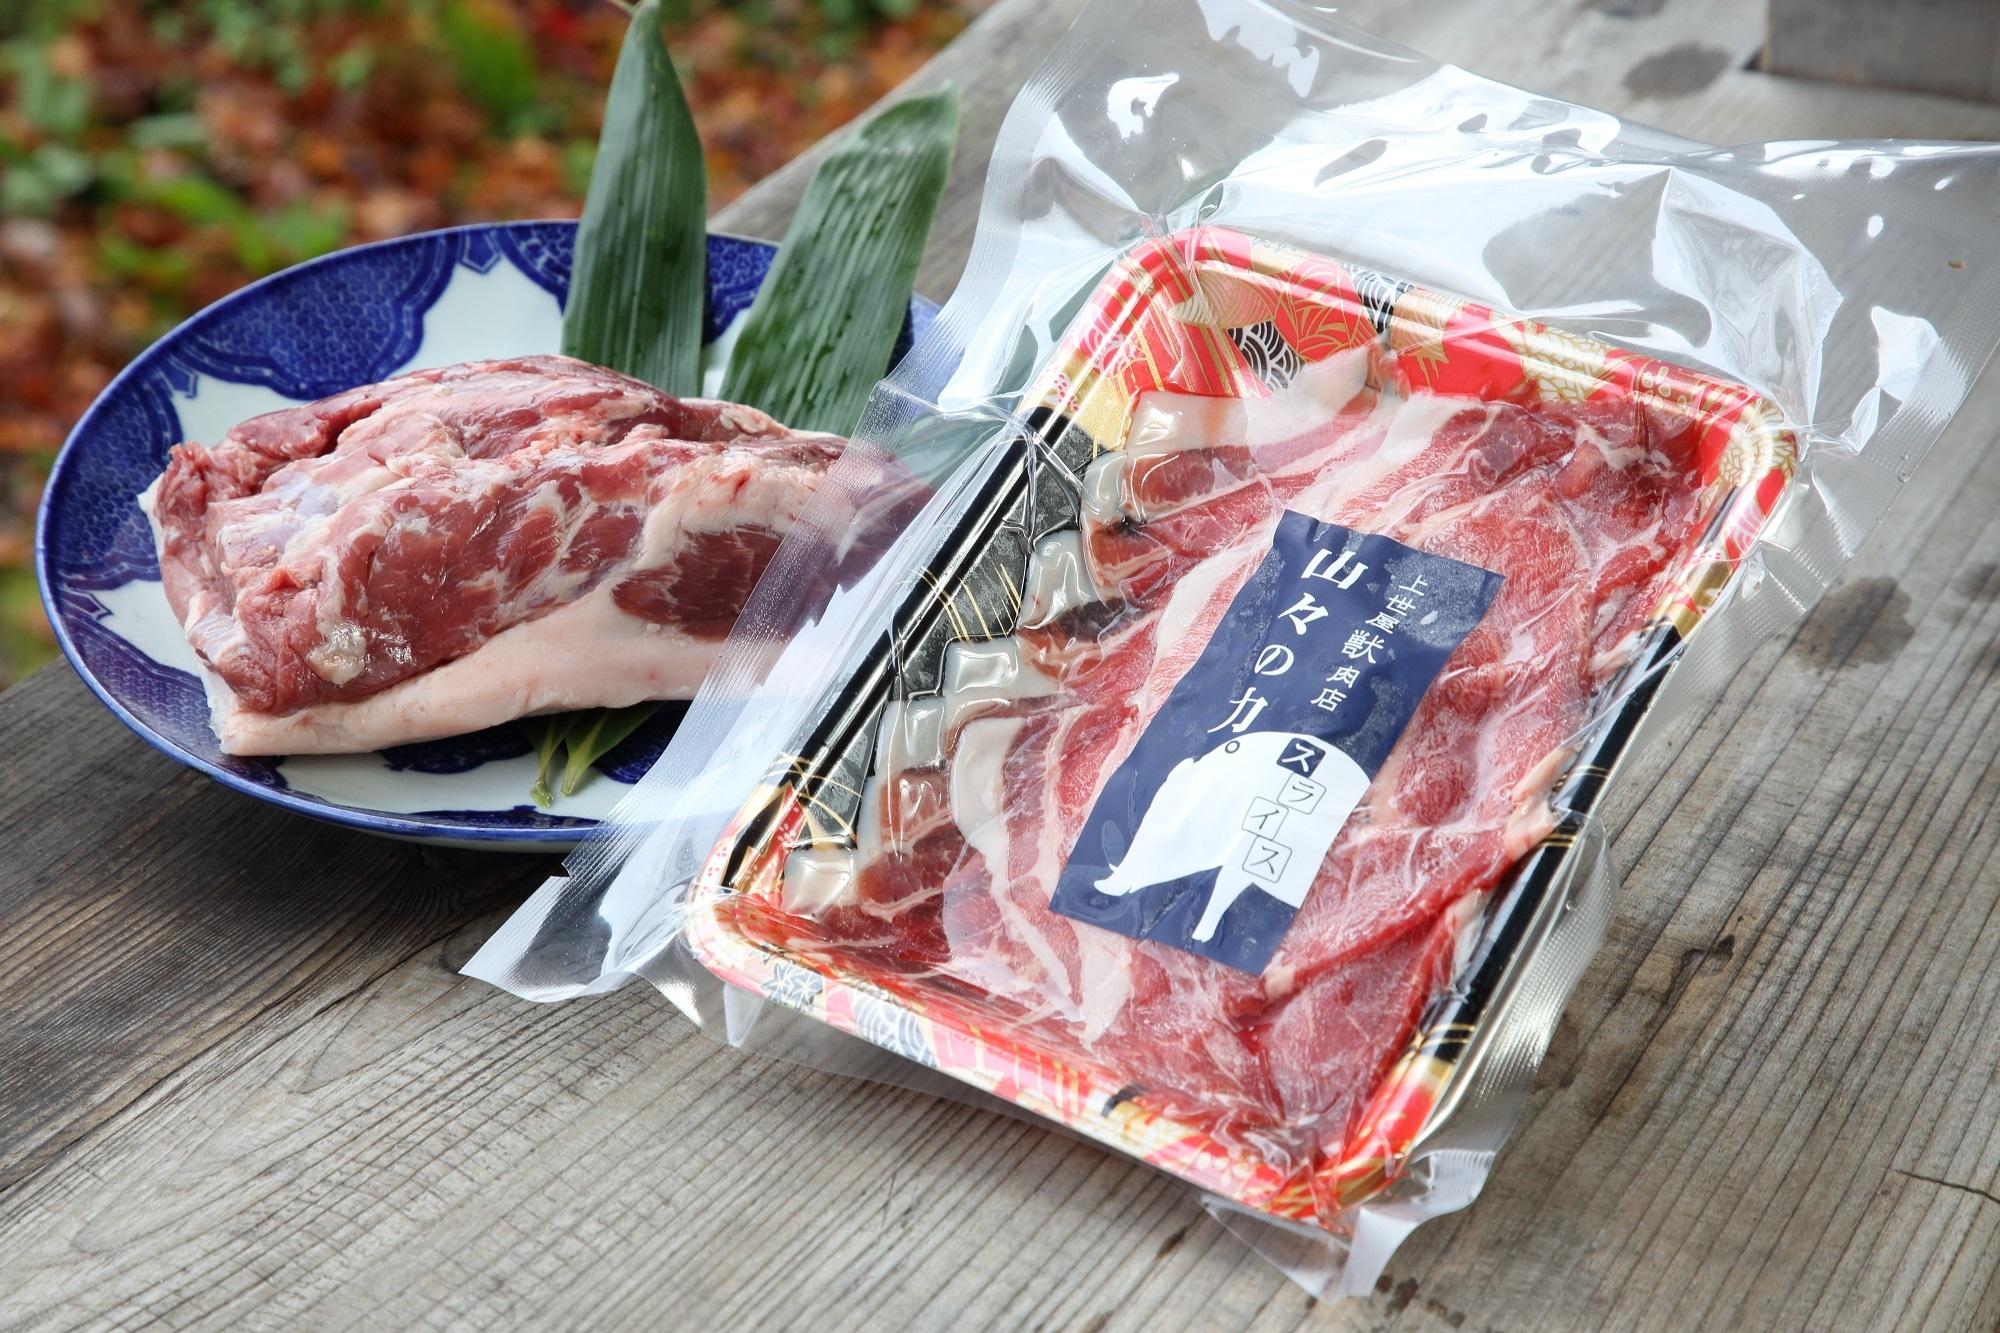 京都ジビエ・世屋猪の焼肉スライス(冷凍、450g)